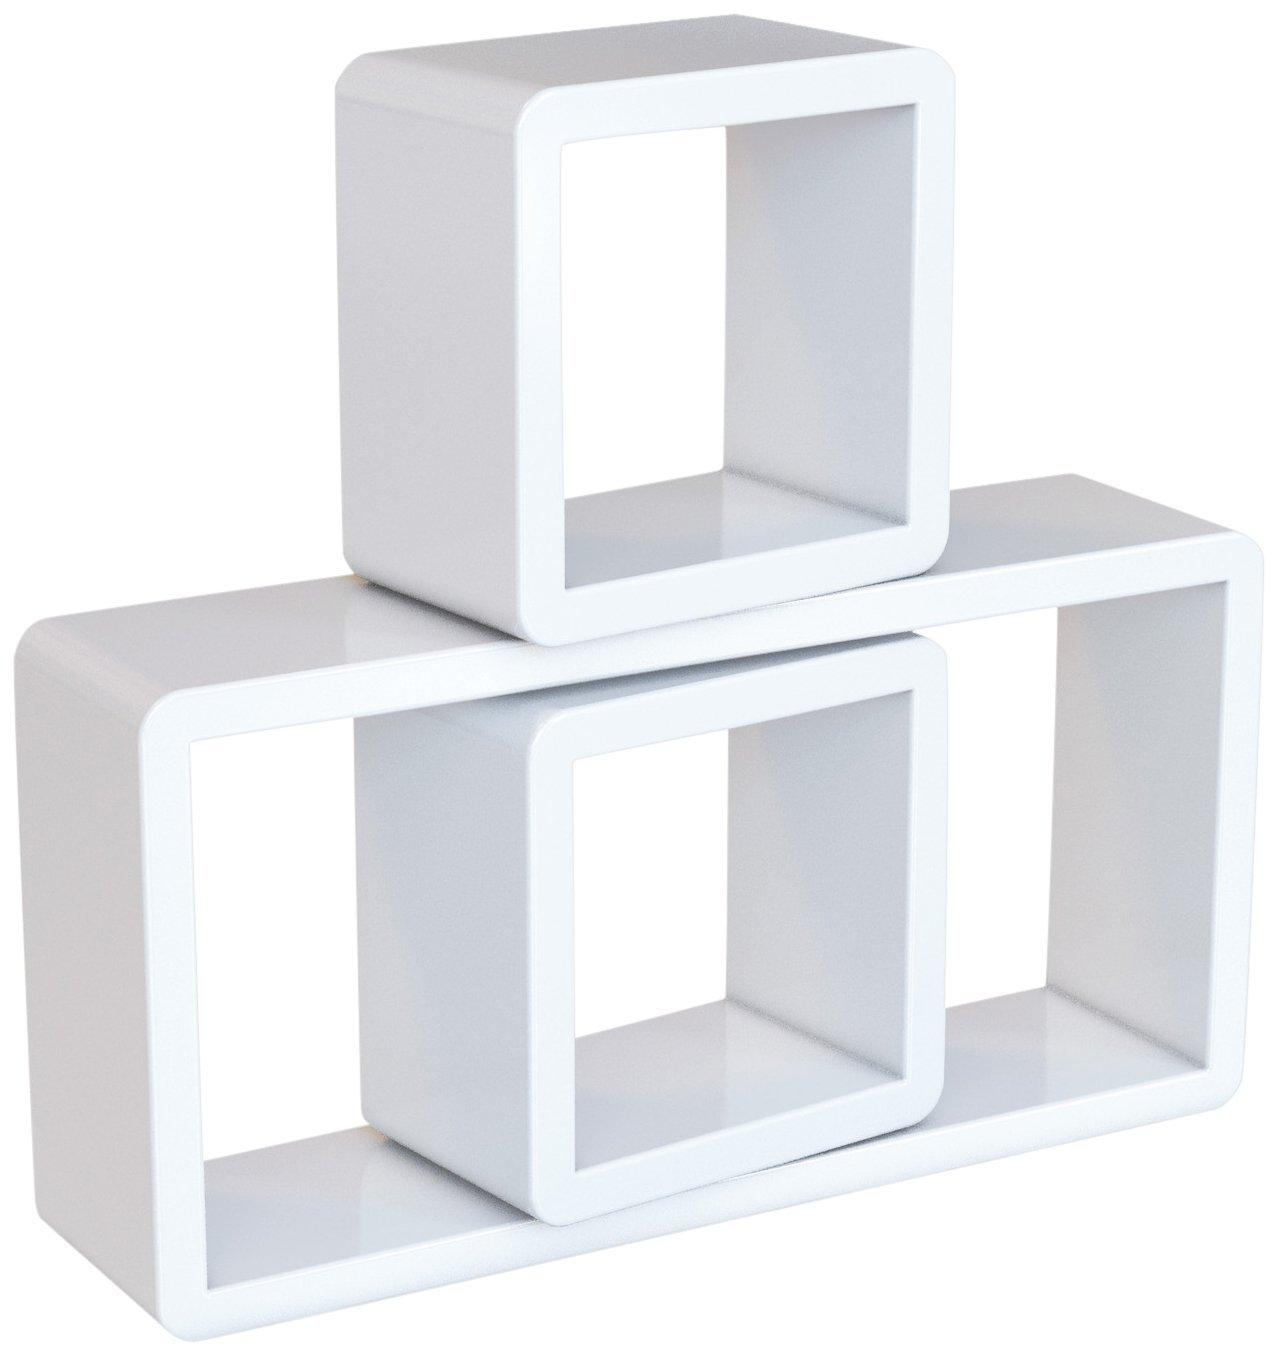 Rongomic Nástěnné poličky Uana bílé - 3 kusy